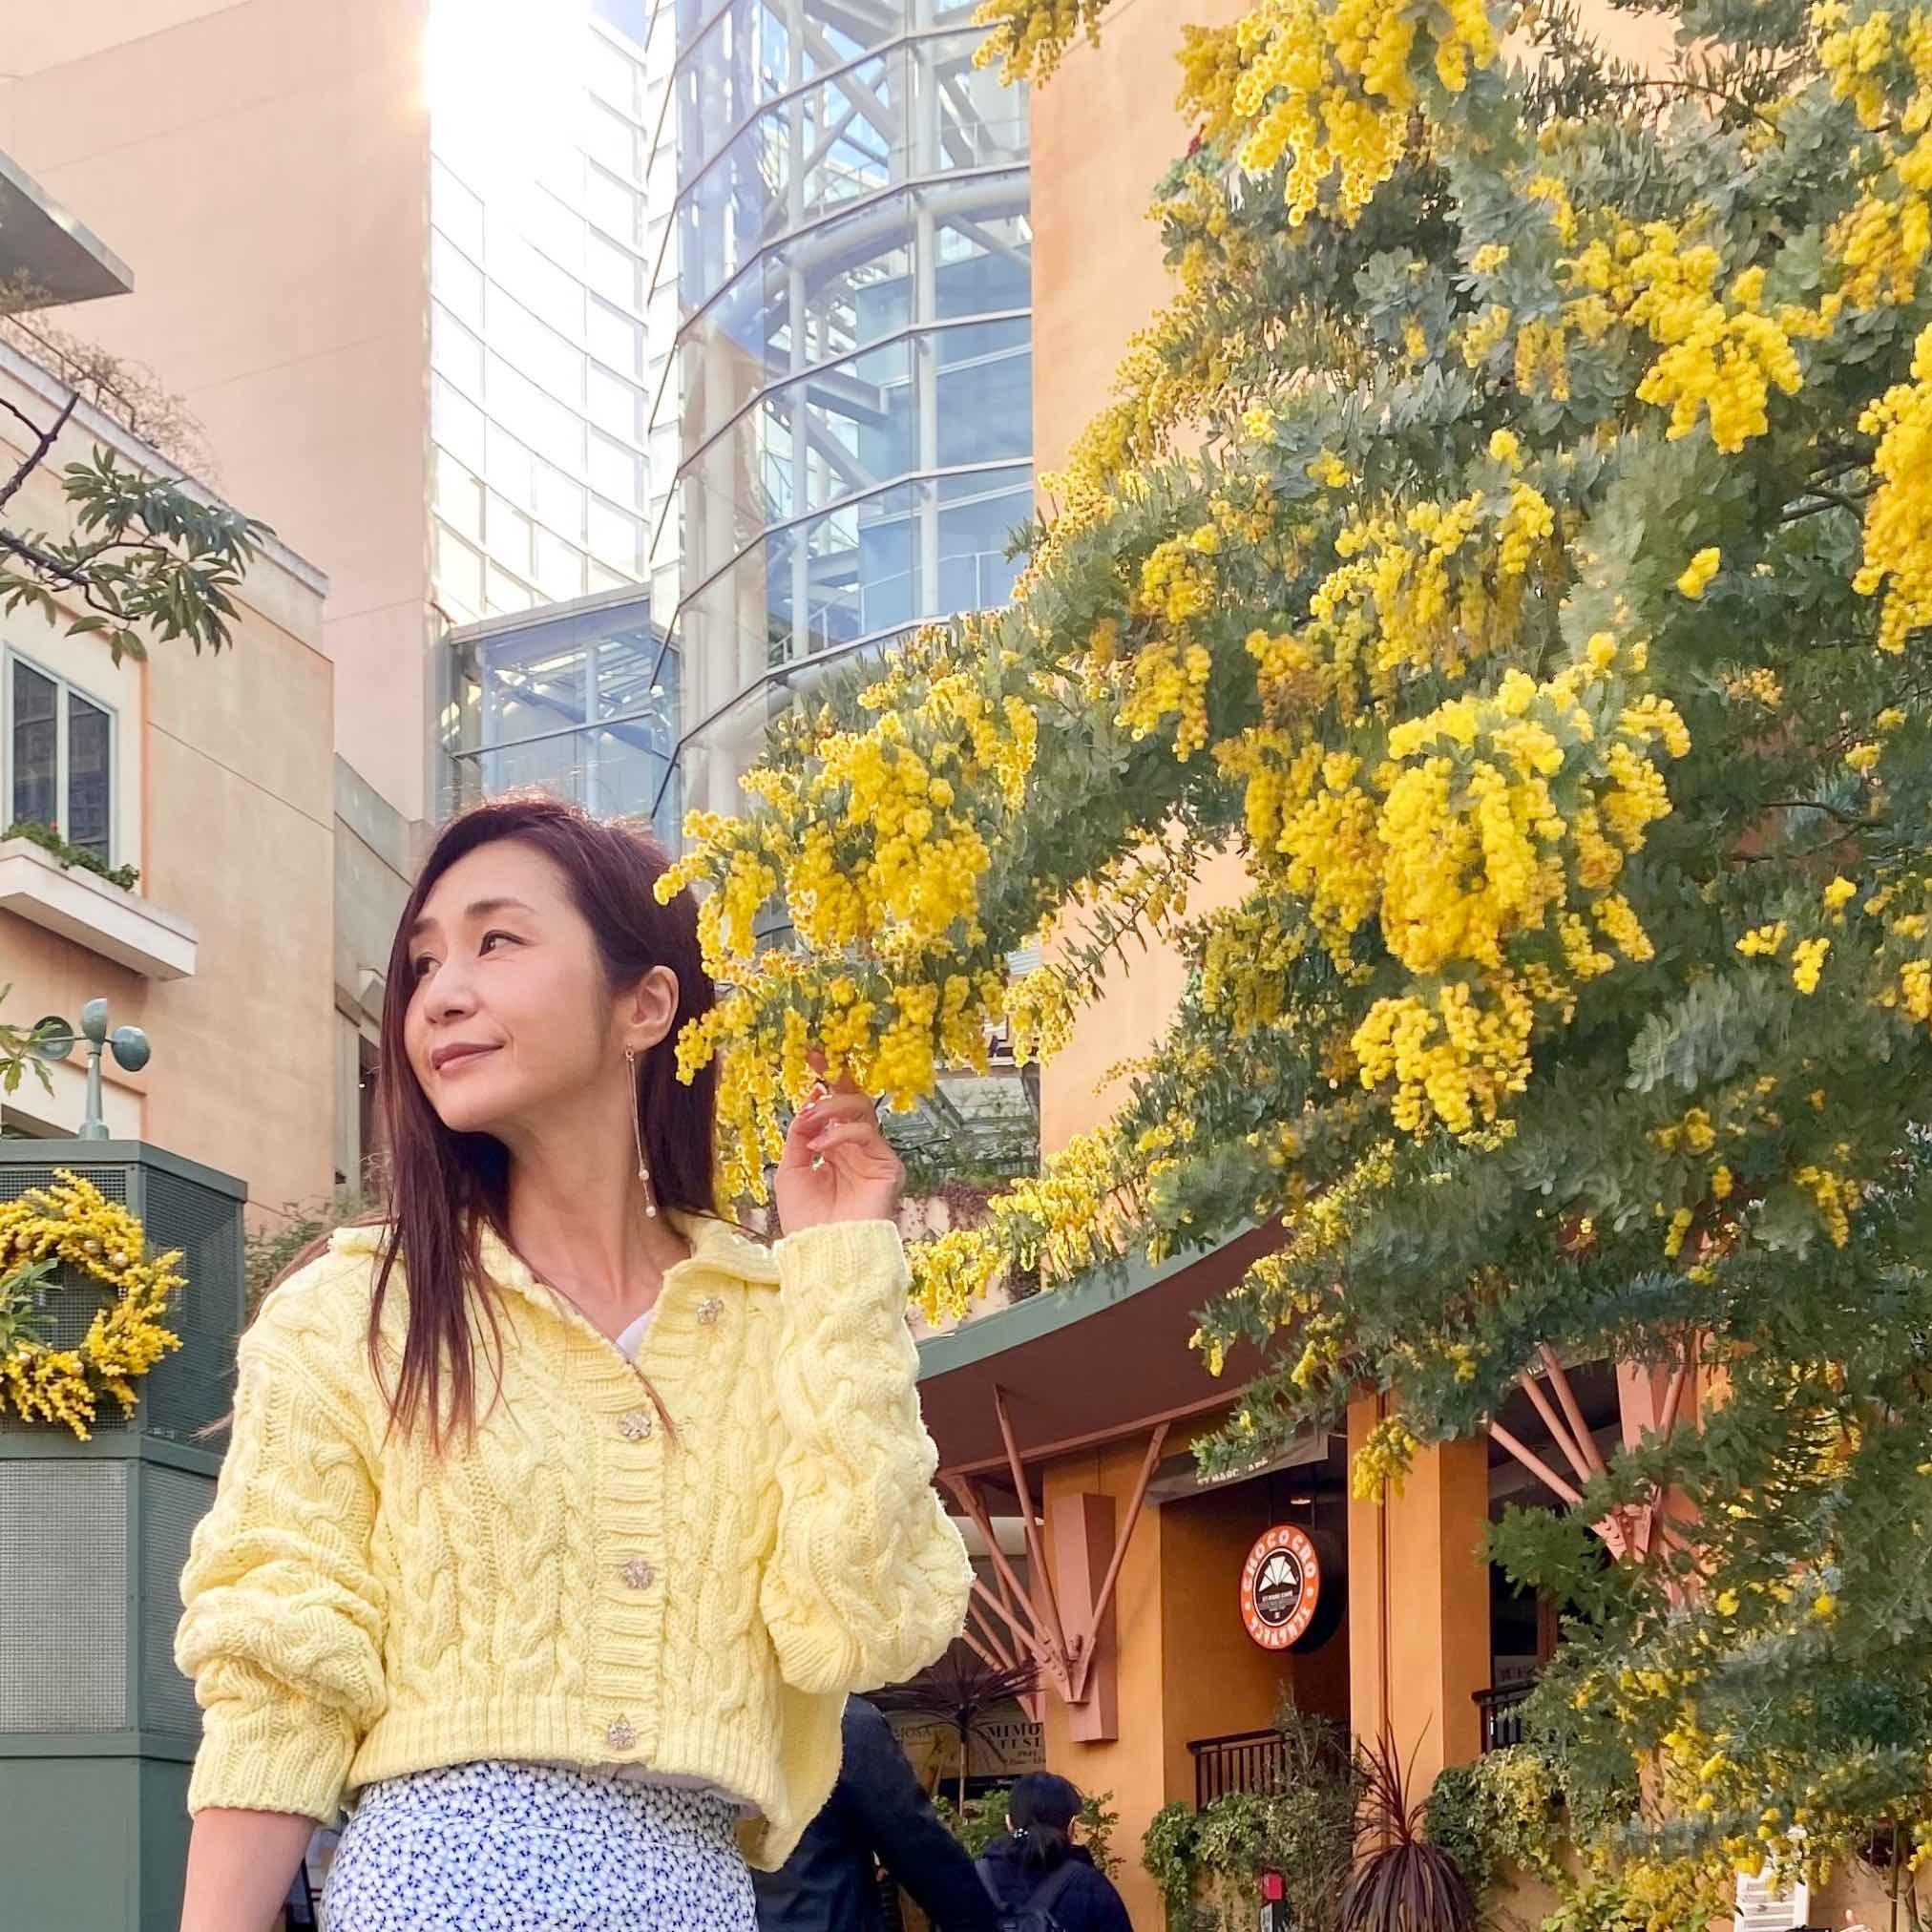 ミモザの花の下で立つ私